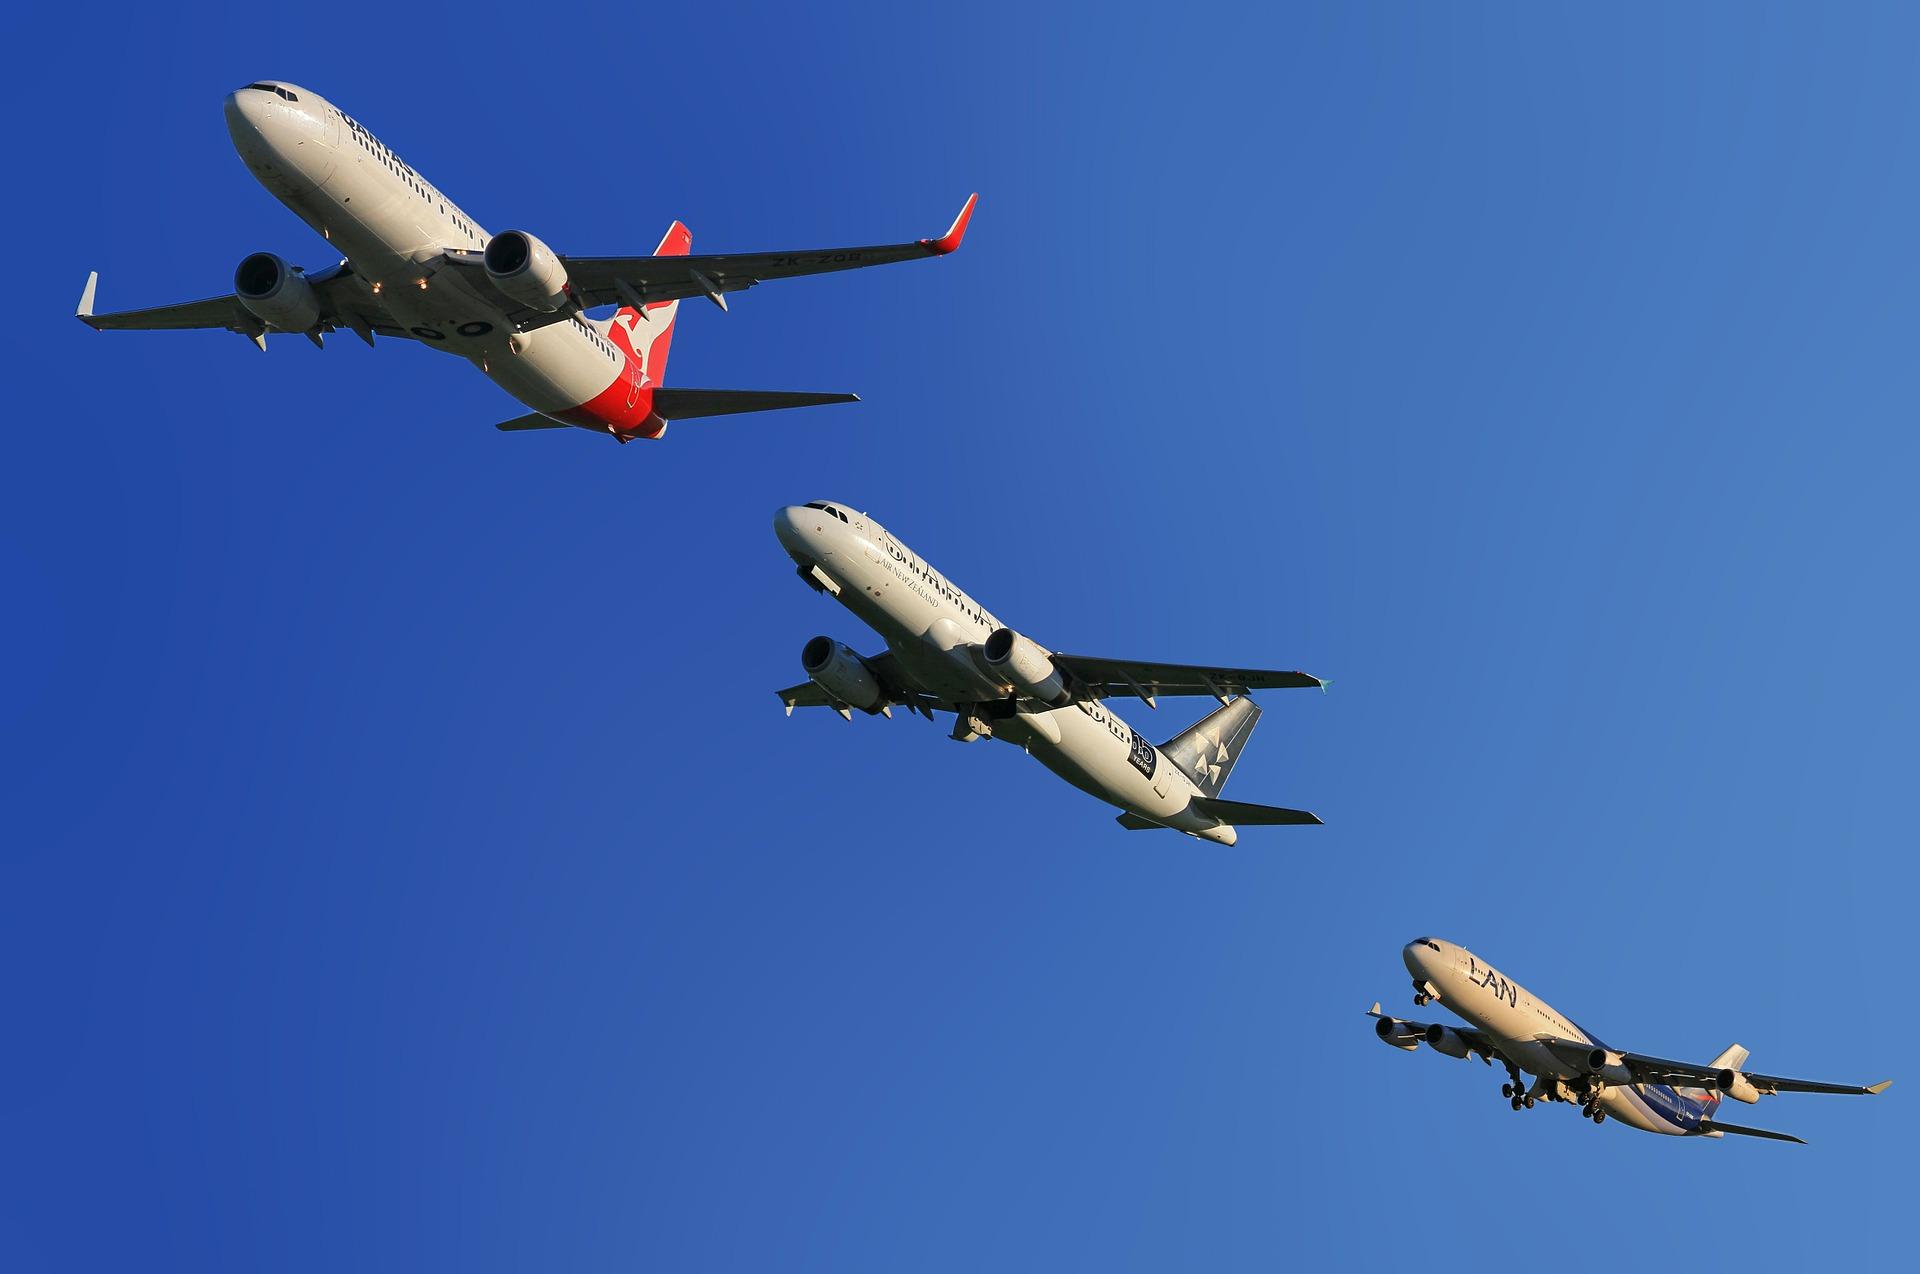 2019年度の米航空会社ランキングは調べてみたら、やっぱり1位はあの航空会社だった。